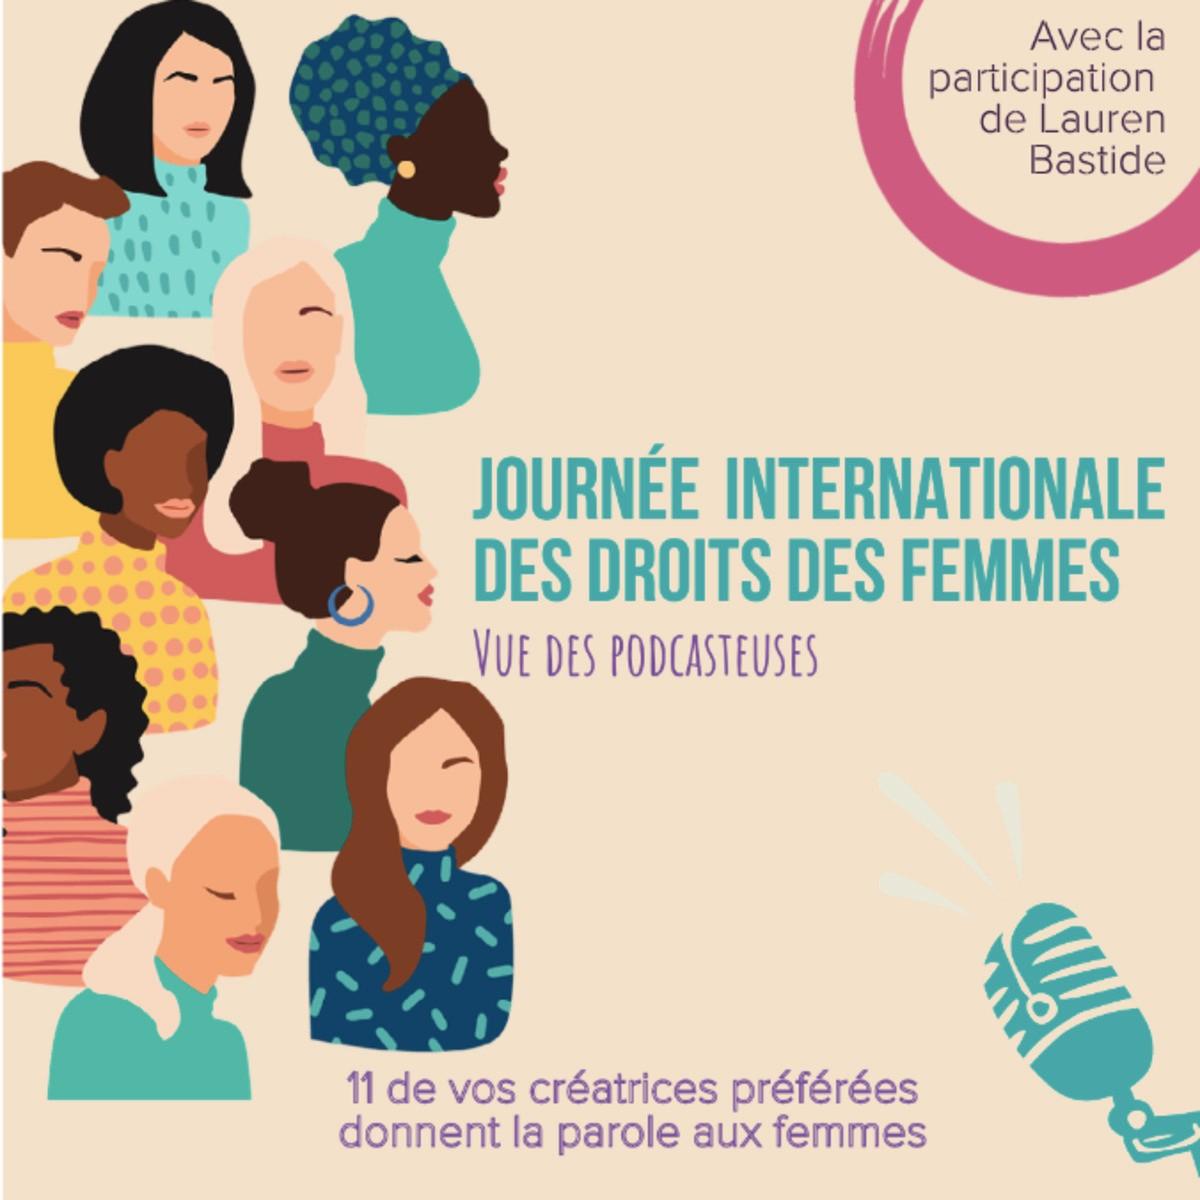 #33 Hors série 8 mars  - Le podcast, un espace de parole et liberté pour les femmes !